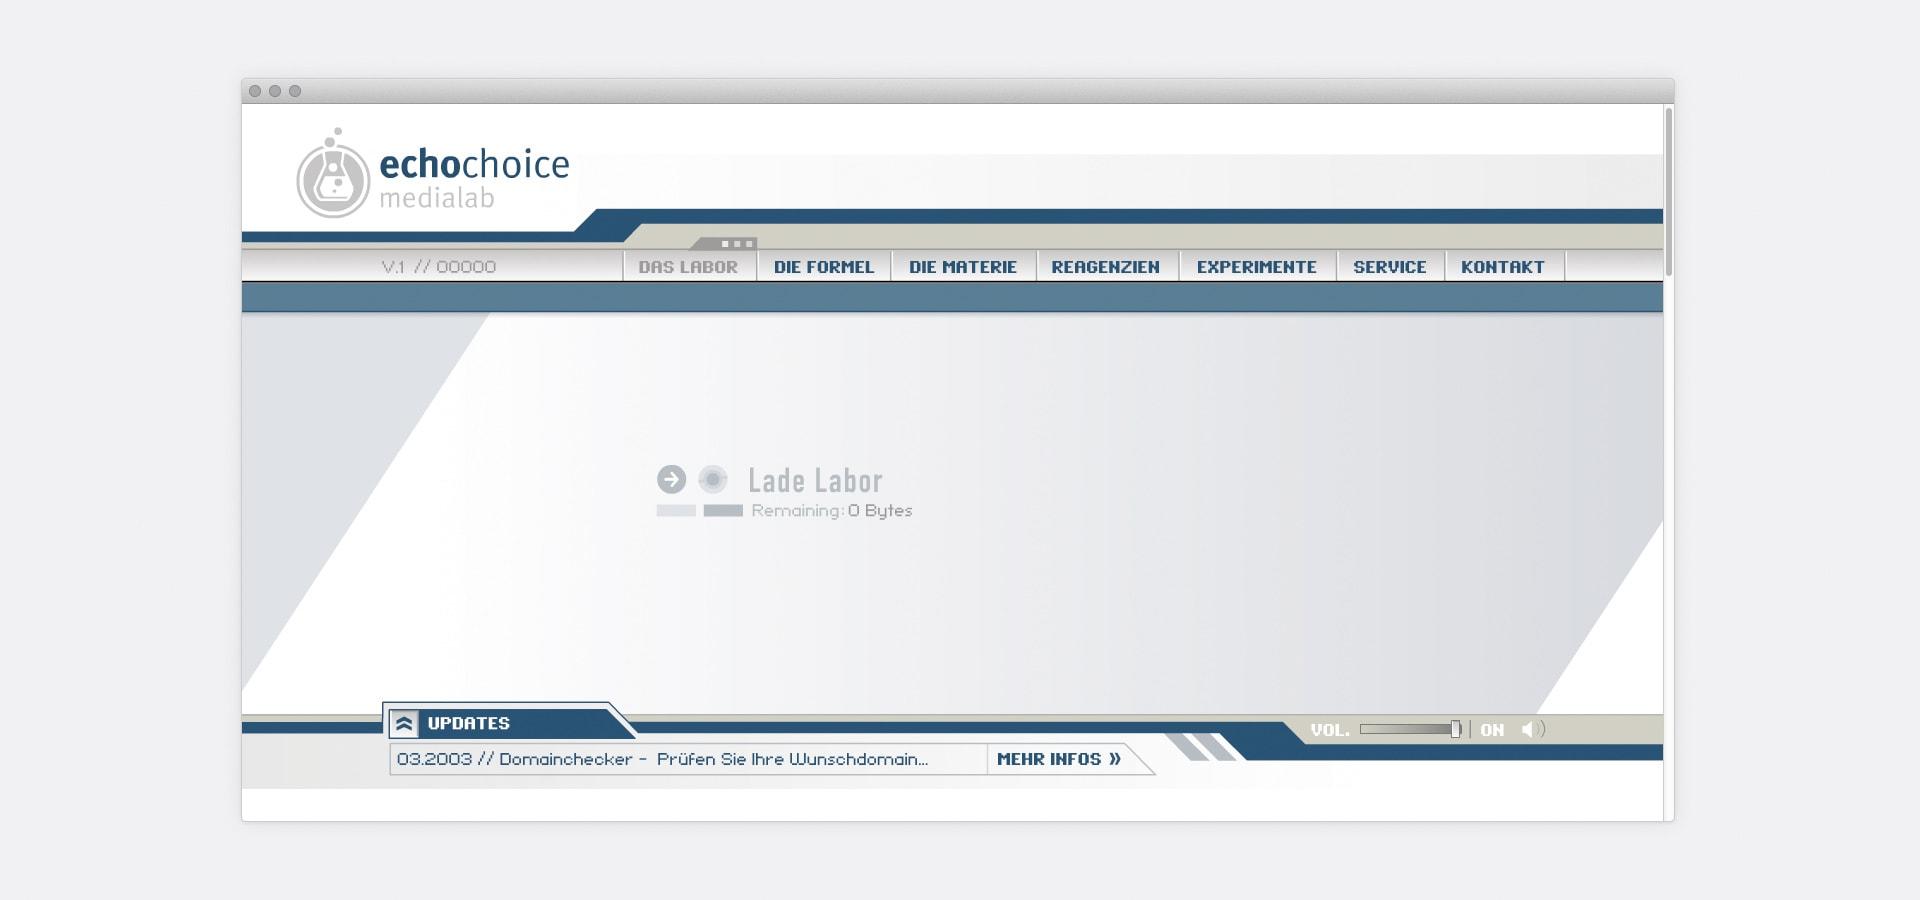 Interface, Newsticker echochoice medialab Website